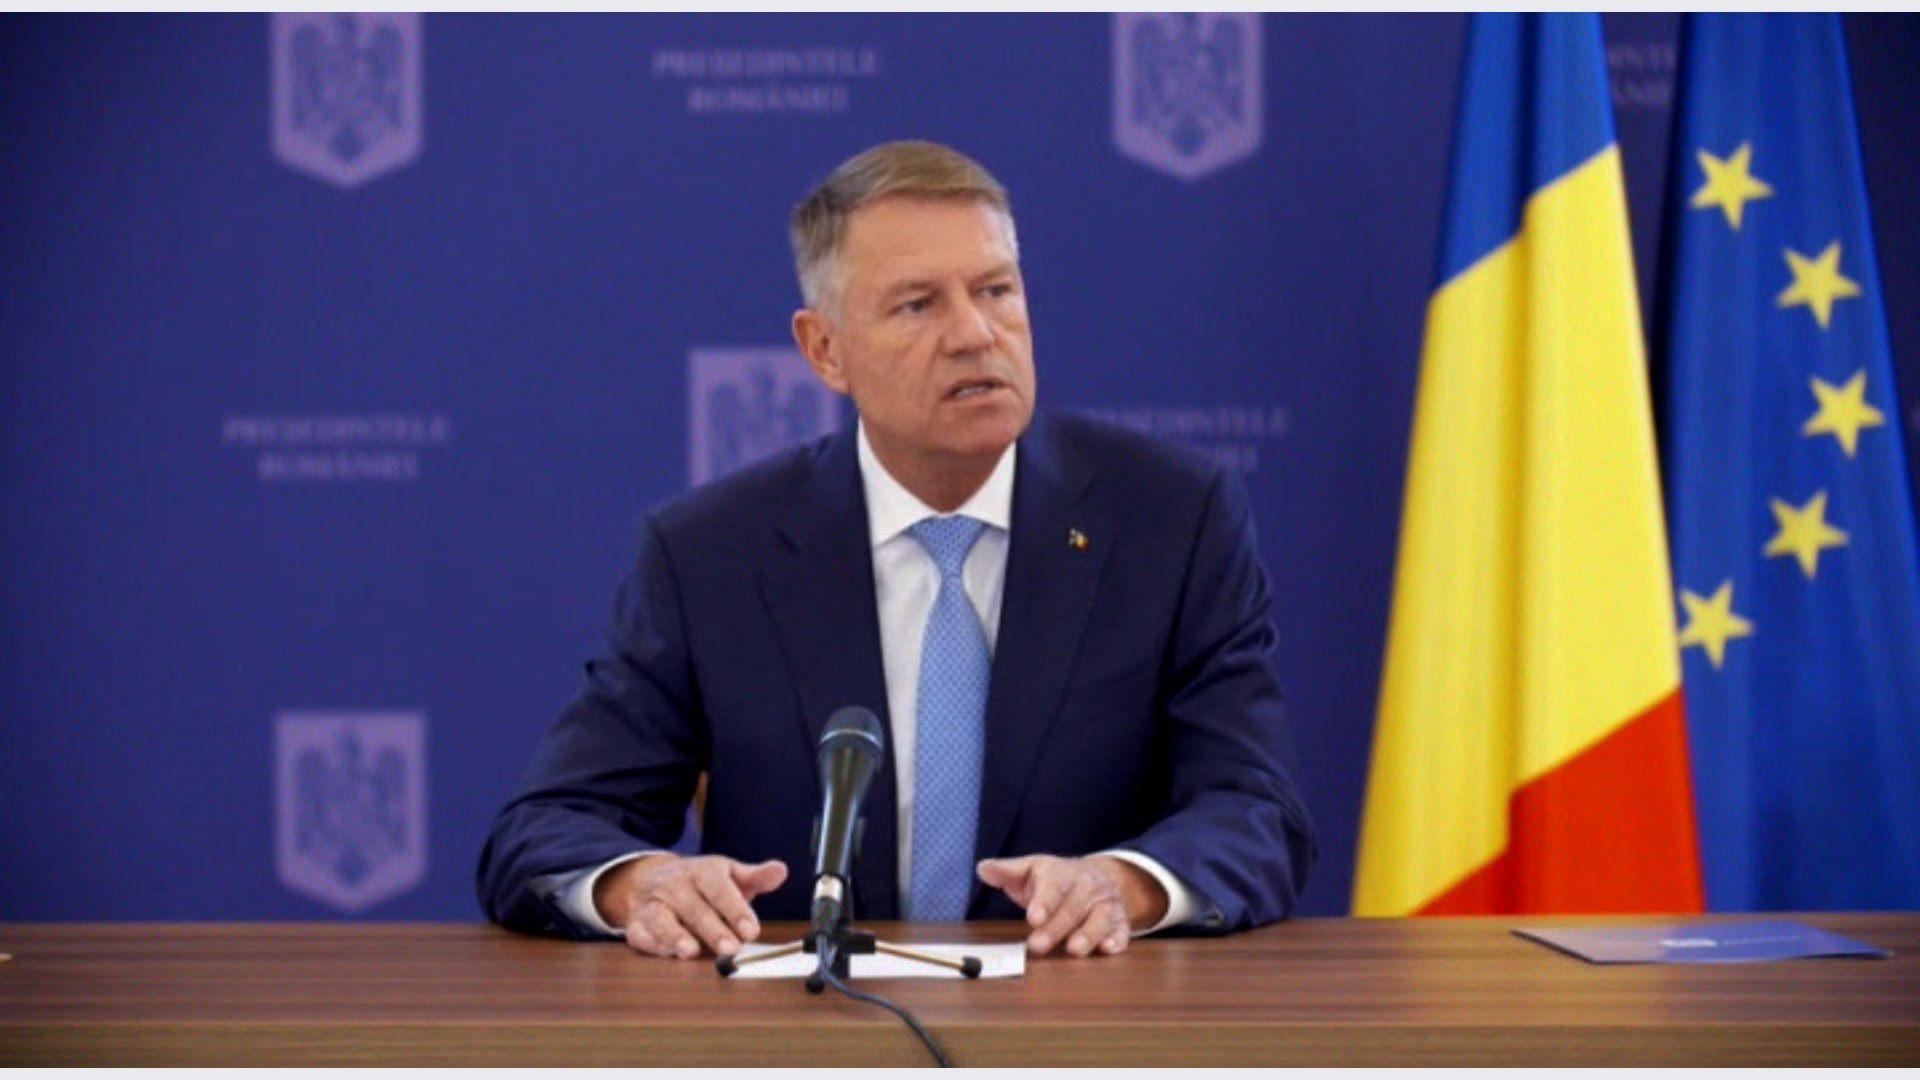 Președintele României, Klaus Iohannis, a convocat noul Parlament pentru luni, 21 decembrie